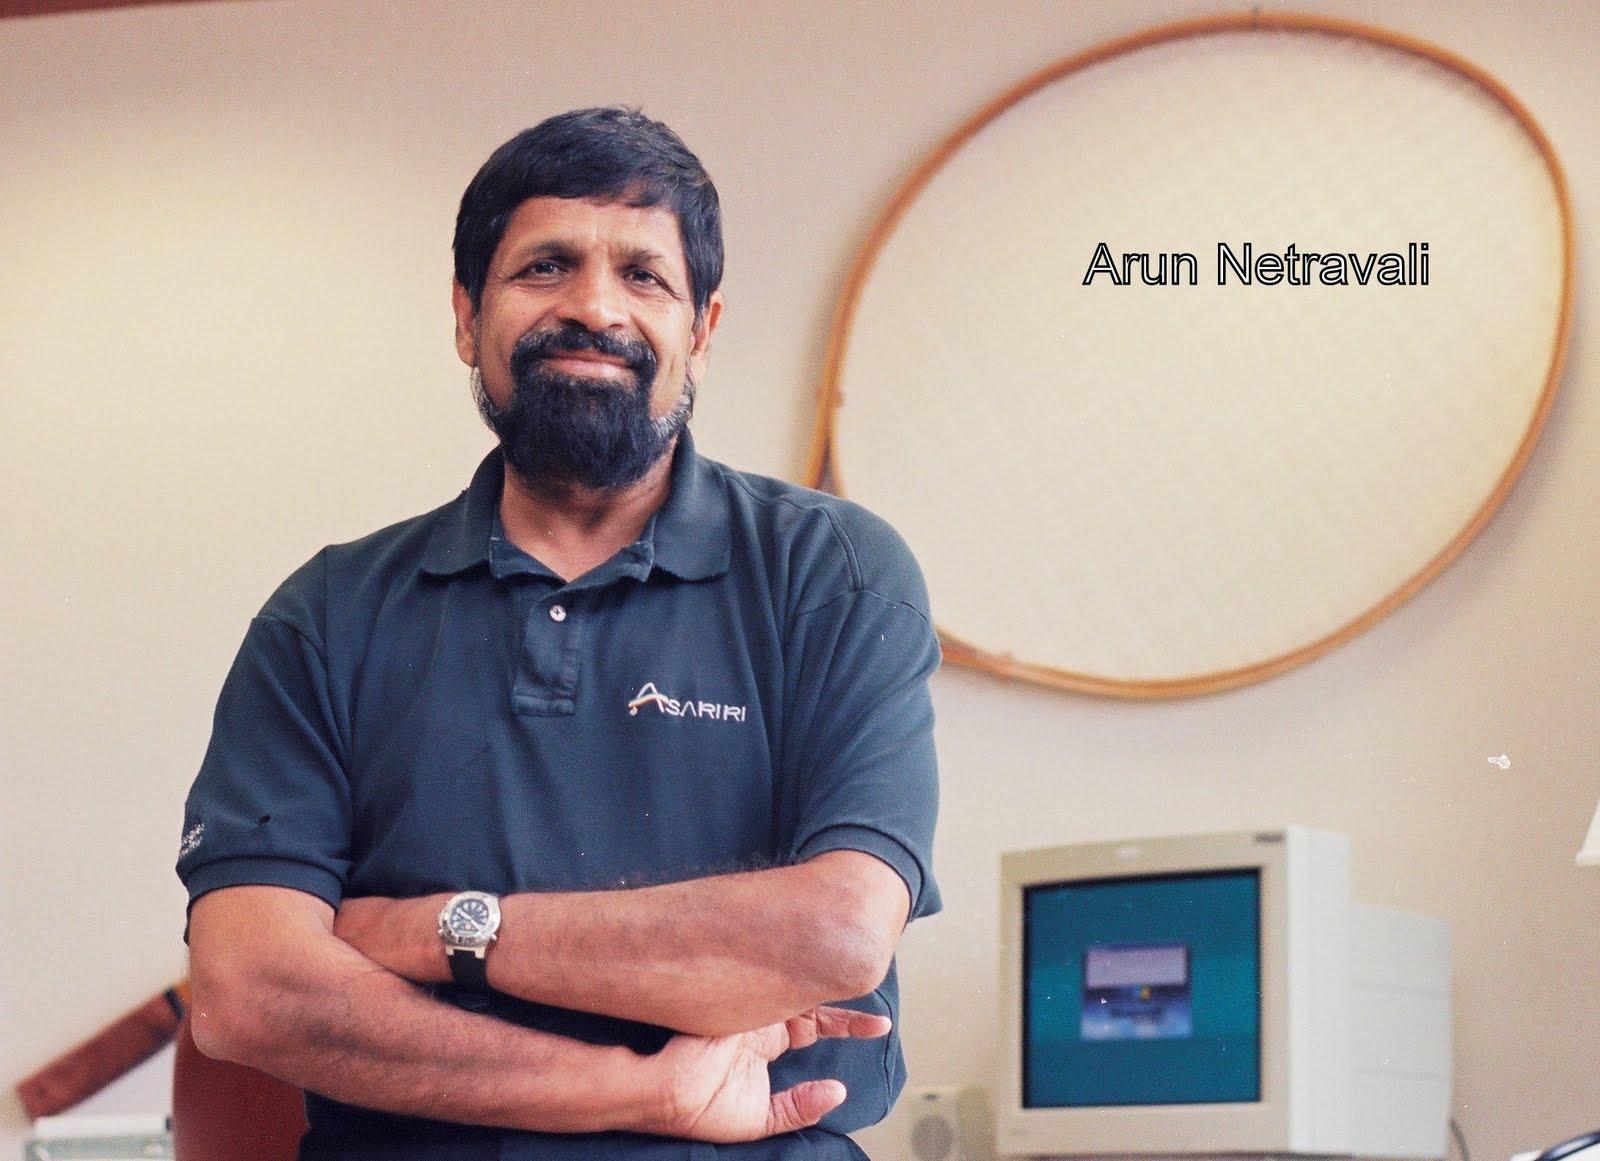 Arun Netravali